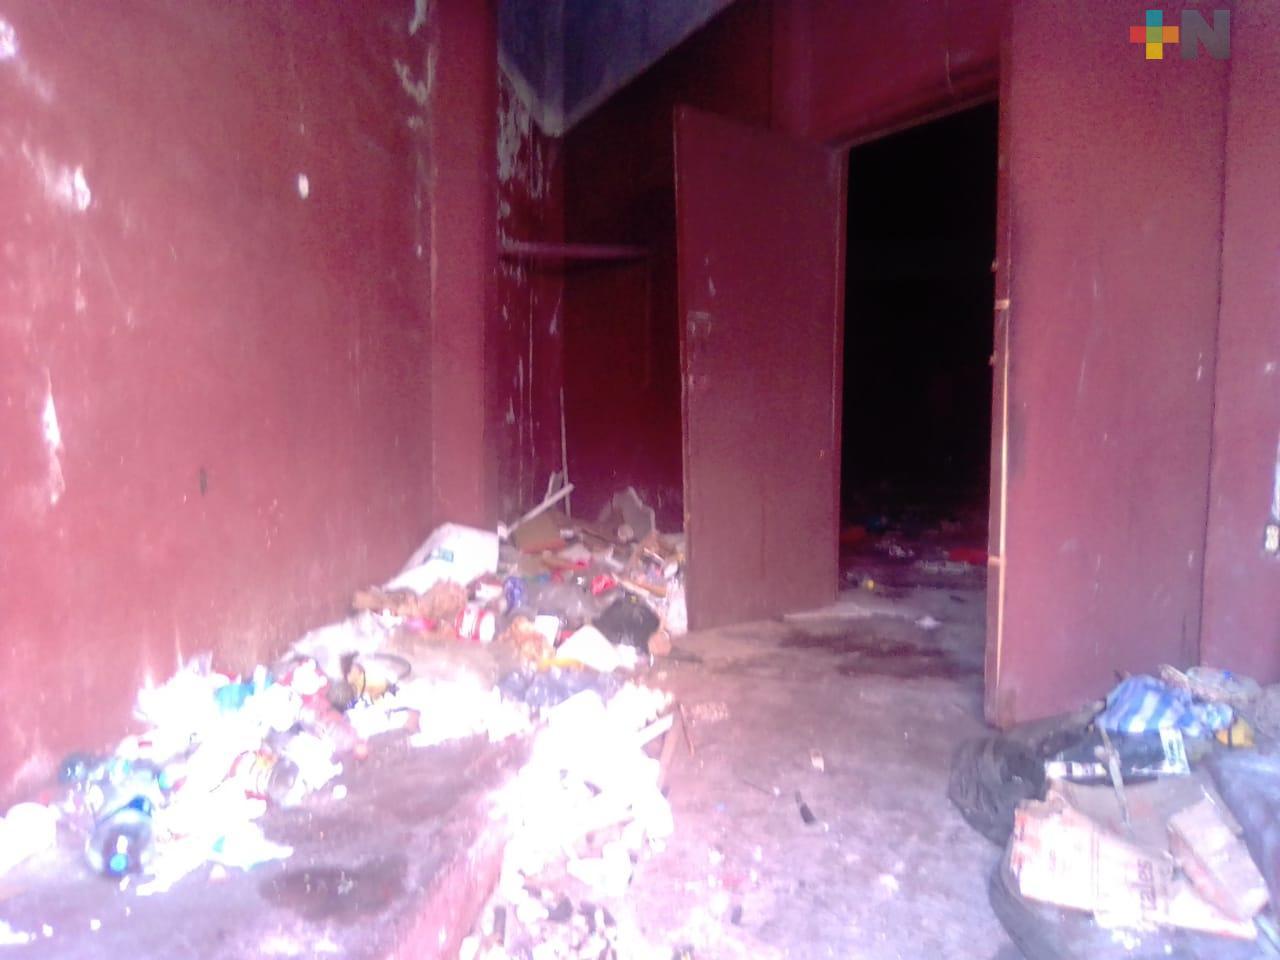 En abandono el Cine Luis Buñuel de la ciudad de Veracruz, piden mayor vigilancia en la zona